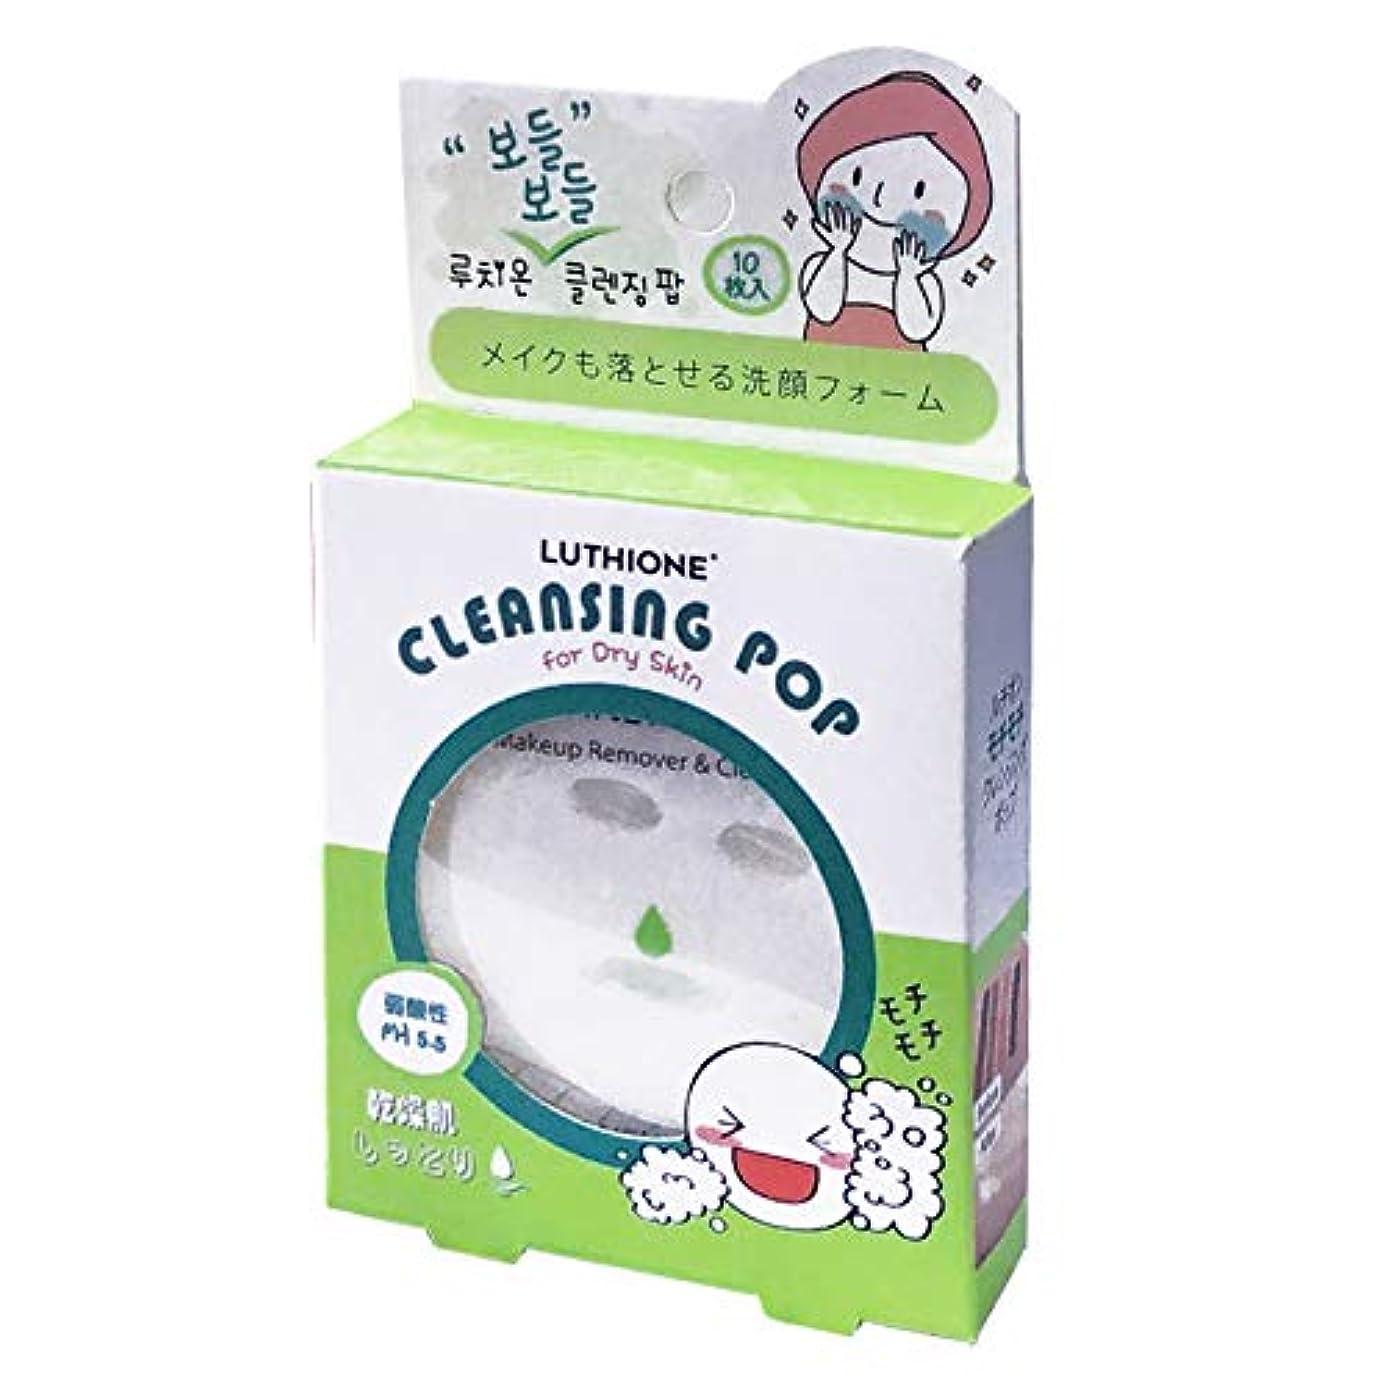 徹底市民権マージン【まとめ買い】ルチオン クレンジングポップ (LUTHIONE CLEANSING POP) 乾燥肌 10枚入り ×2個